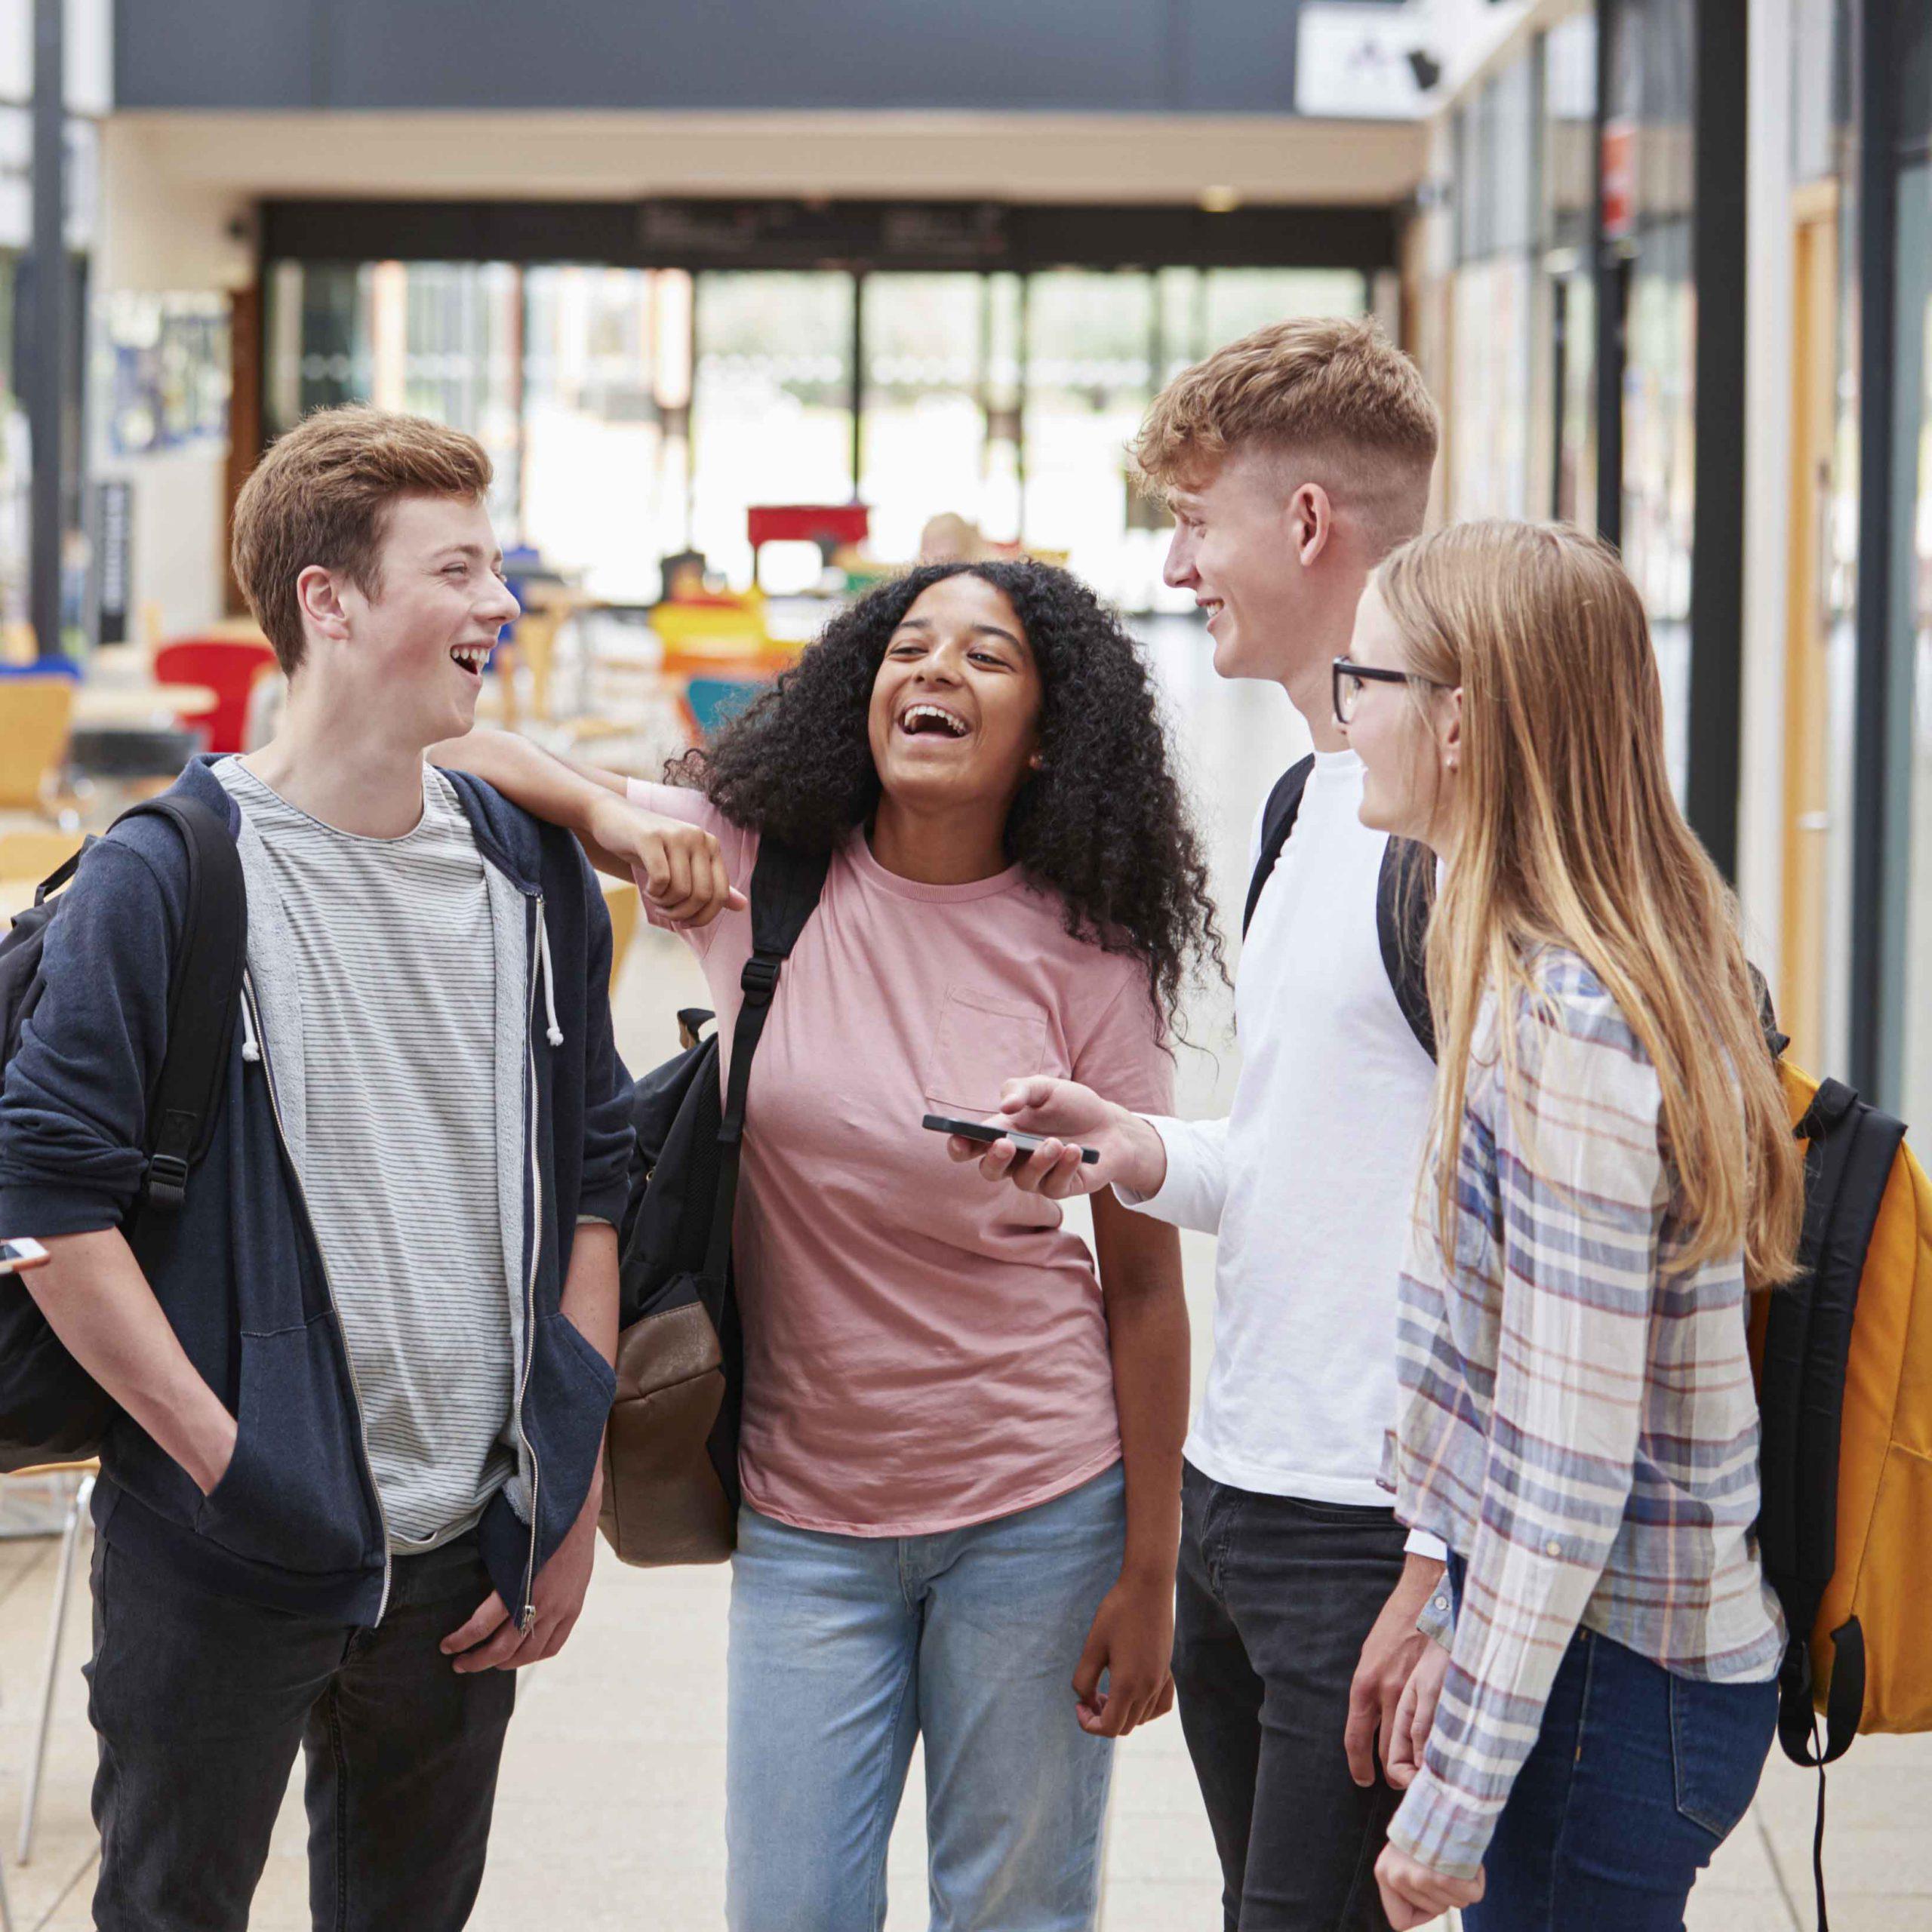 A|B|O Jugend - junge Teenager reden miteinander